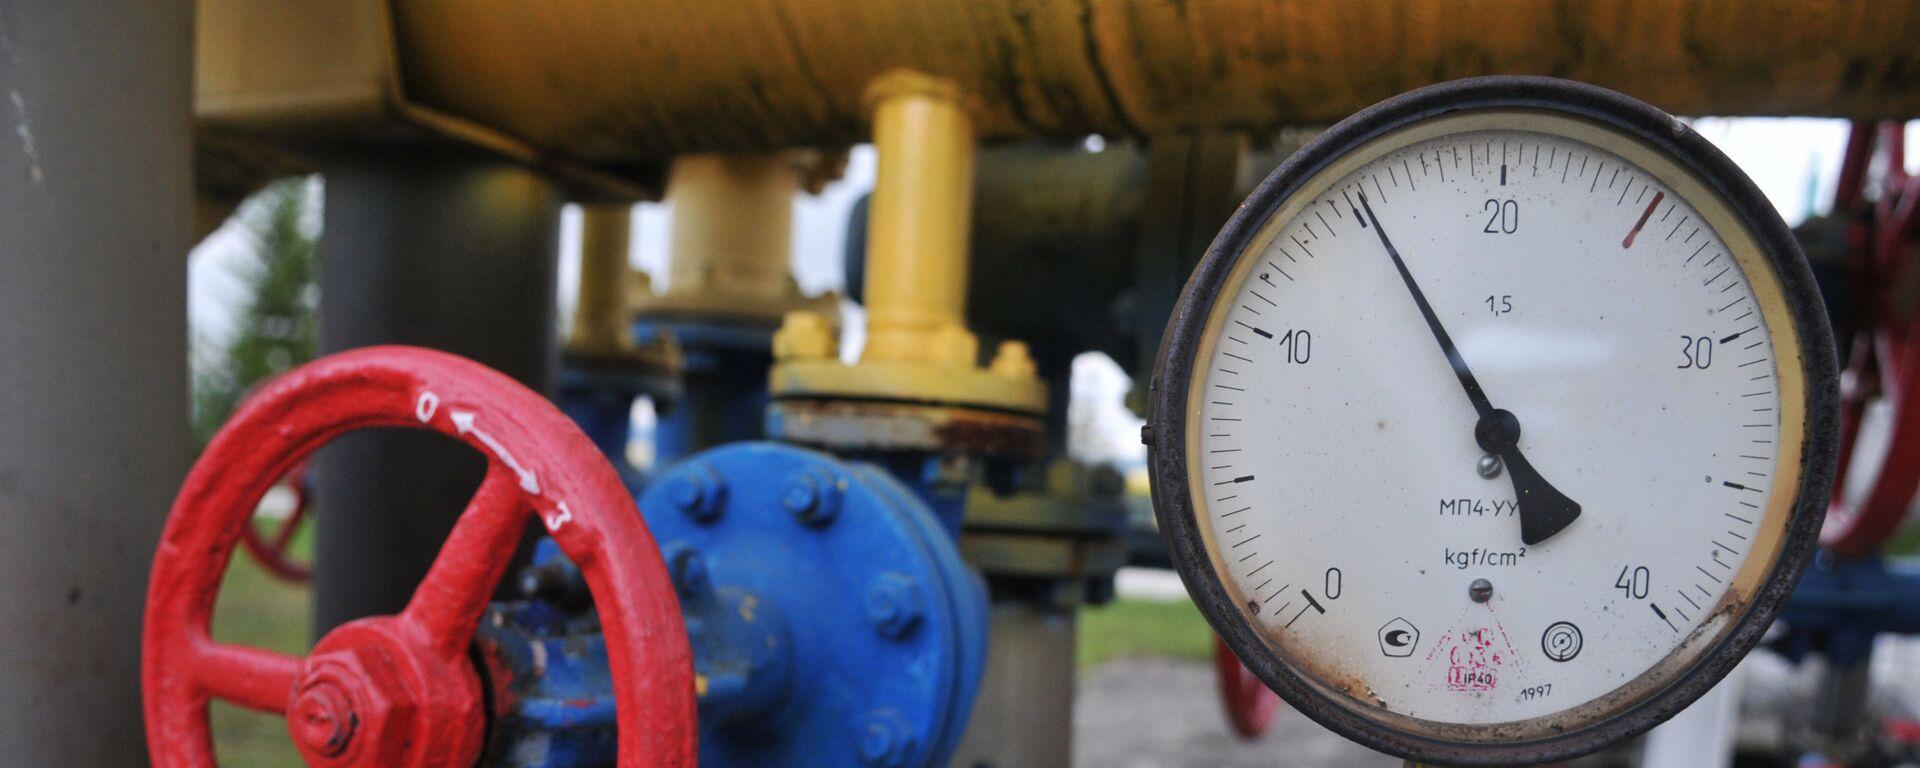 Manometr i kurek w tłoczni gazu w obwodzie zakarpackim - Sputnik Polska, 1920, 04.04.2021